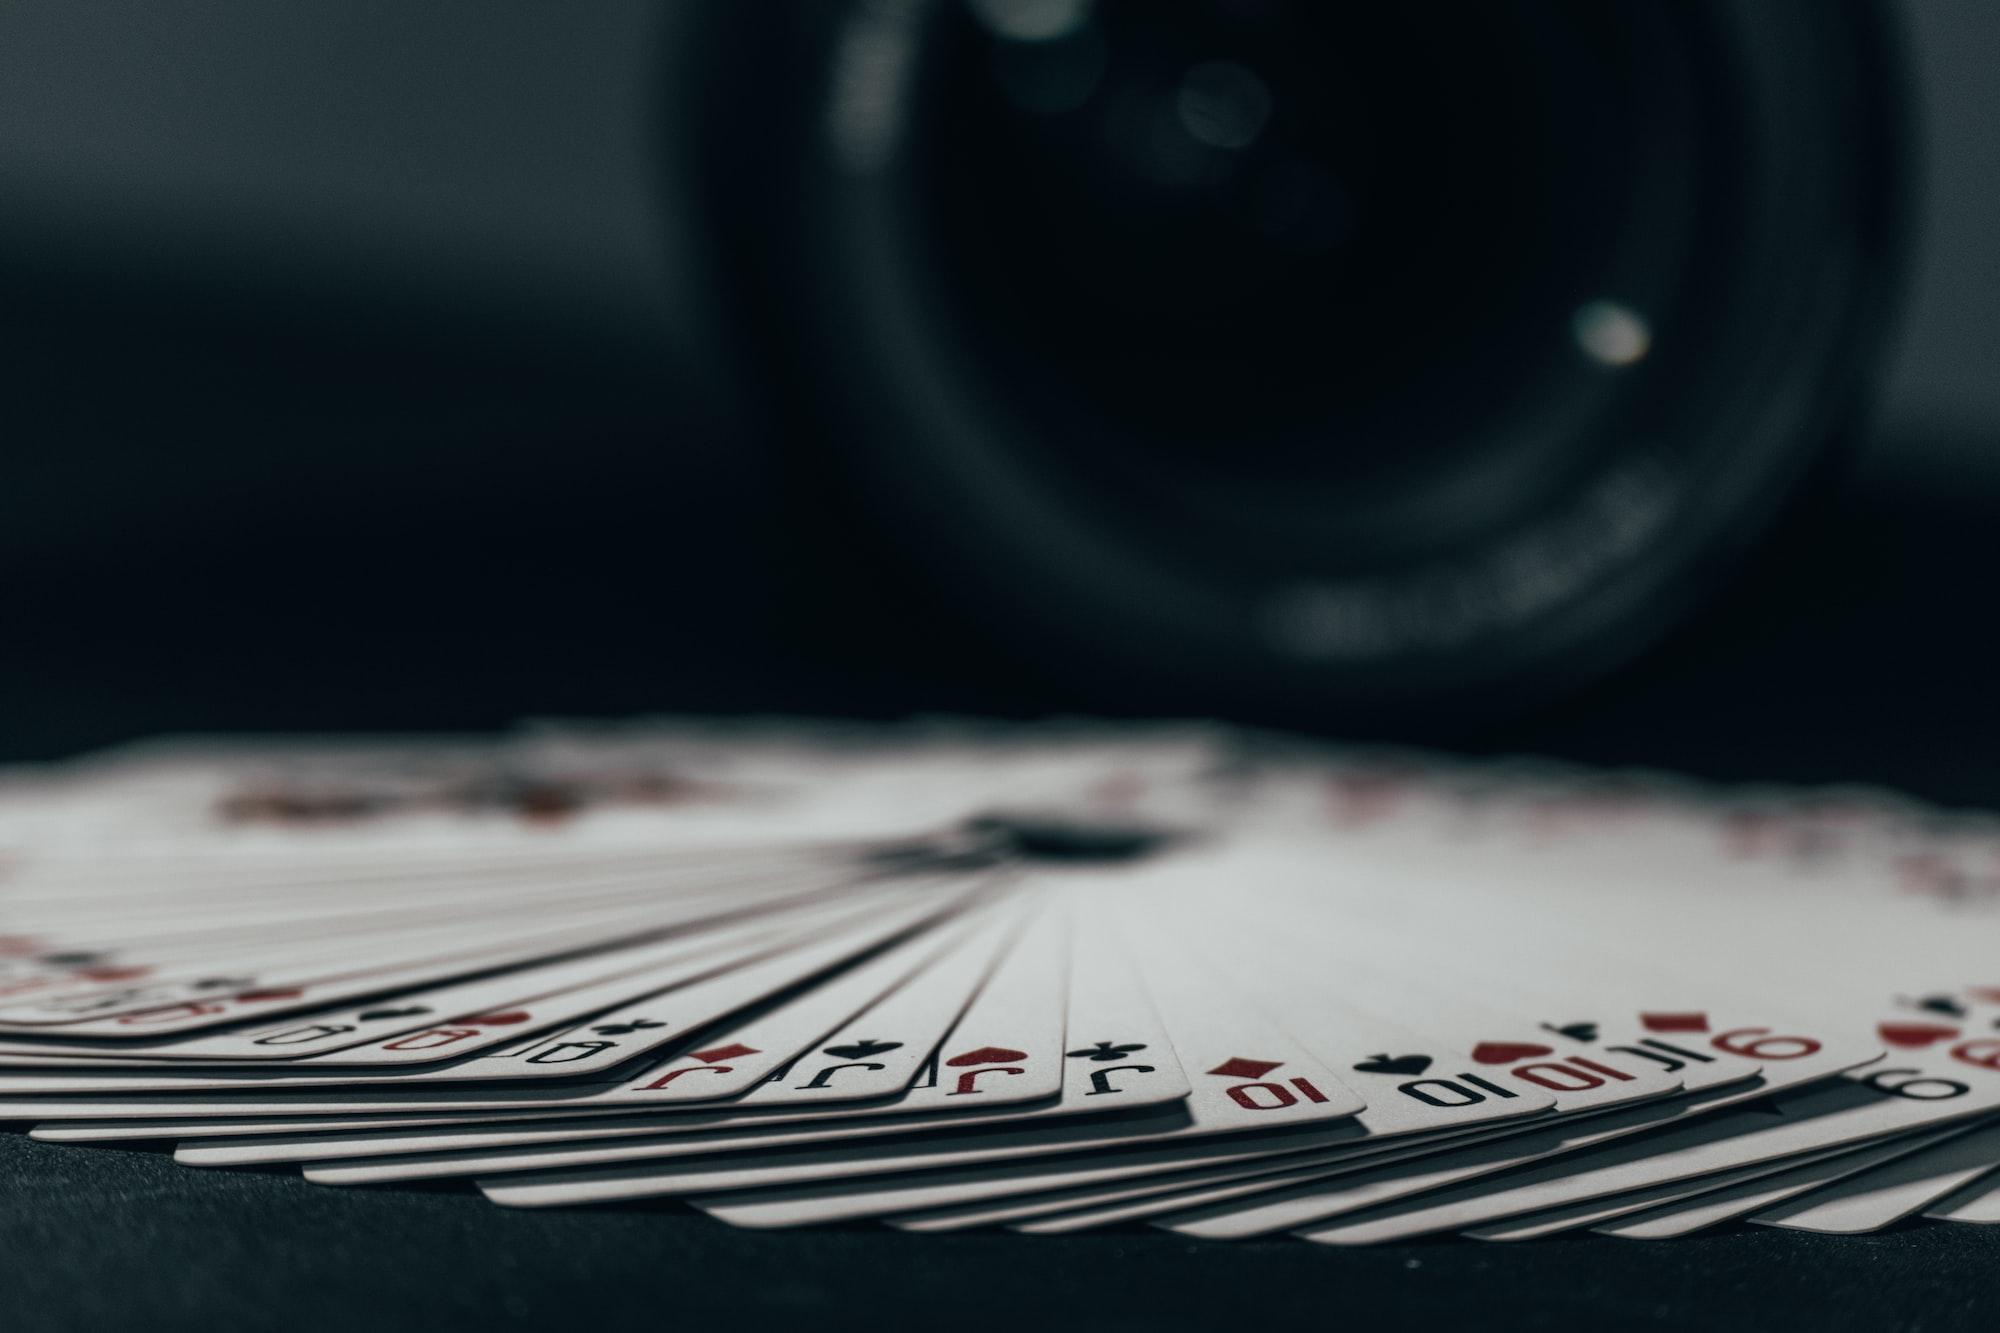 Estrazioni Lotto, Superenalotto e 10eLotto 12/06/21: i numeri vincenti